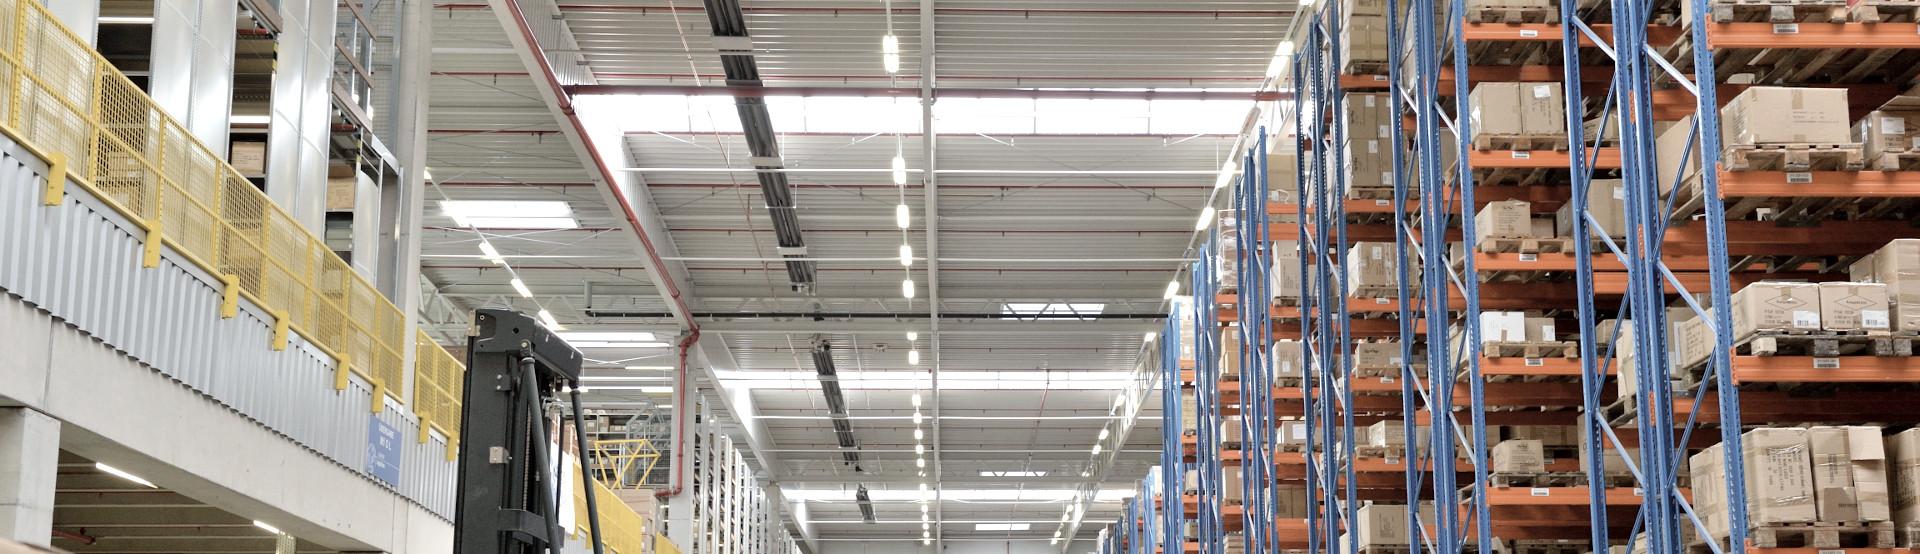 Hallenheizung für Industrie, Gewerbe und Logistik von Schwank.